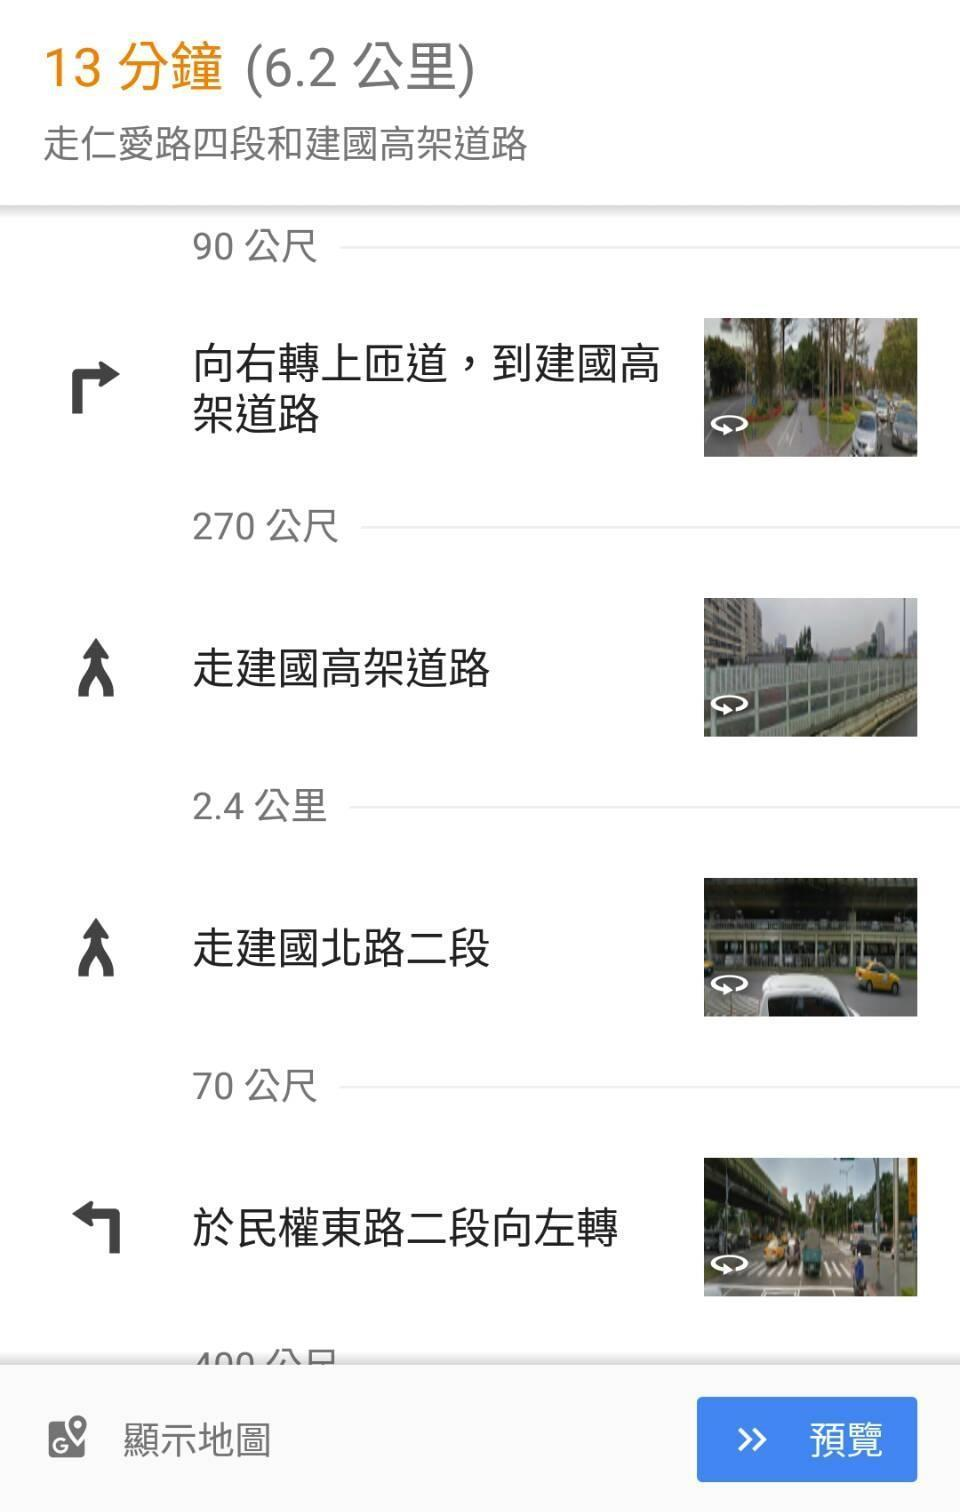 實測機車導航模式,以台北101至行天宮的路線,發現還是有導航至建國快速道路的問題。(手機截圖)